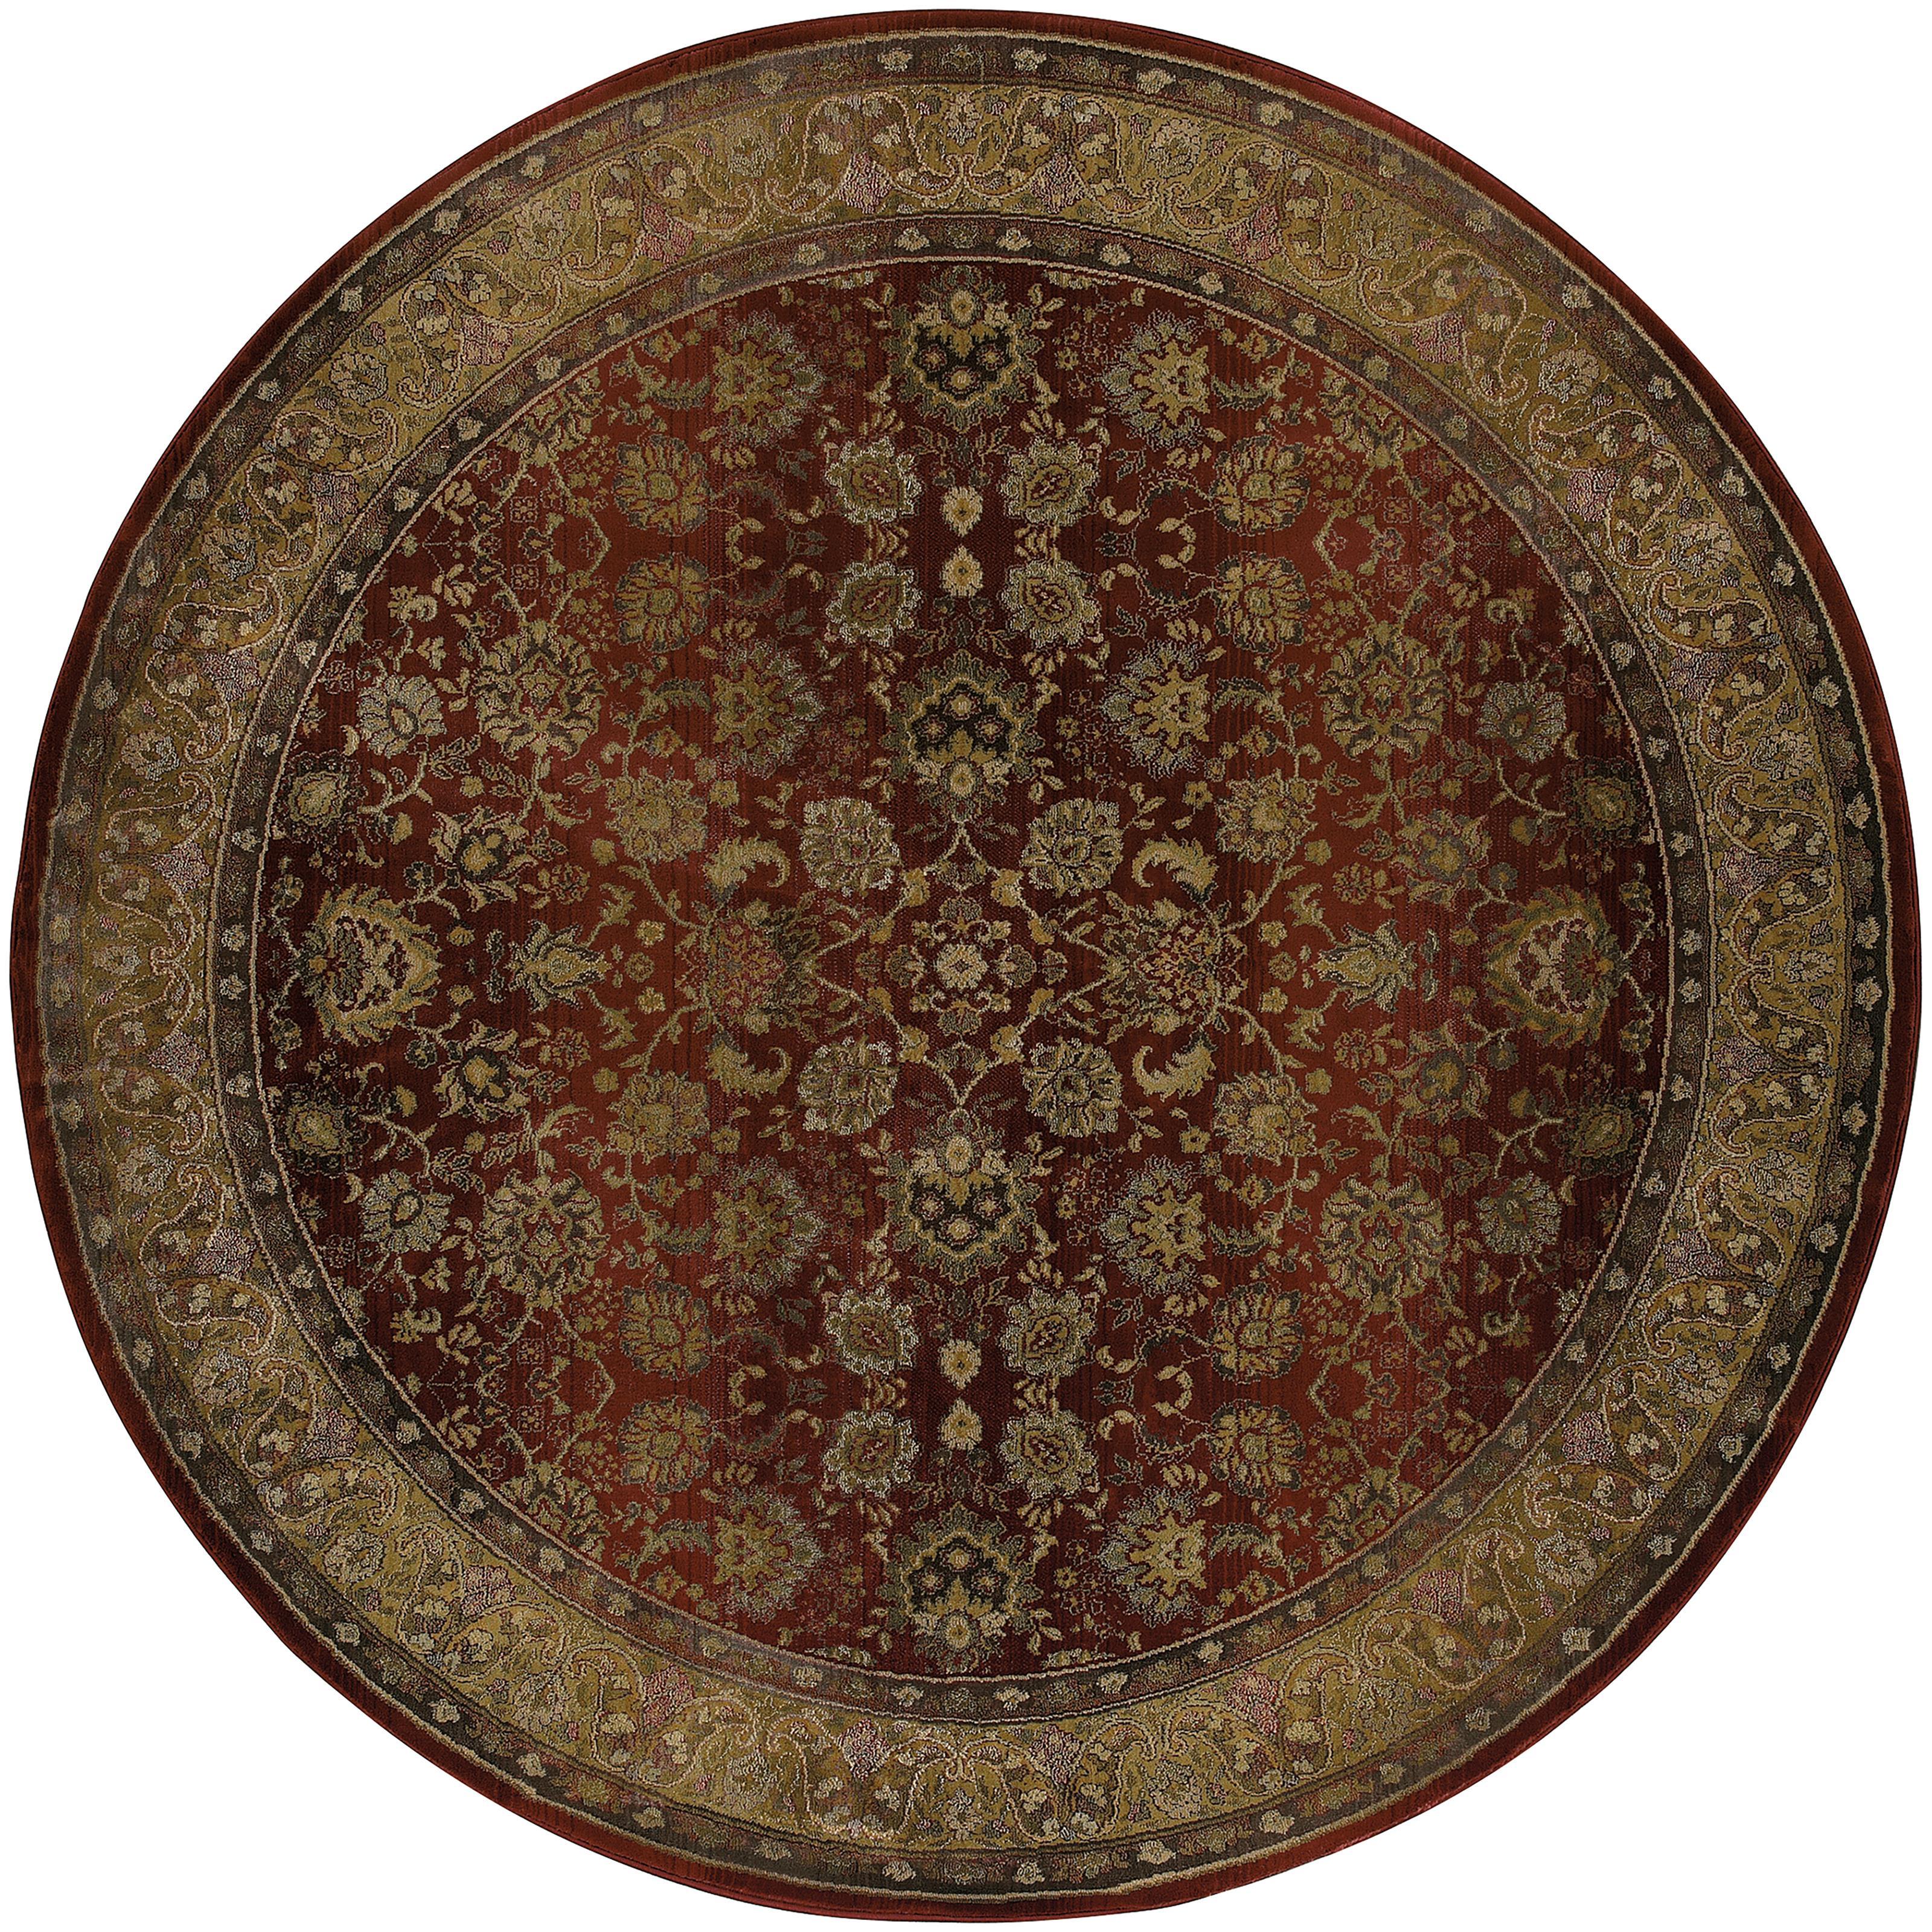 Oriental Weavers Generations 6' Rug - Item Number: G3434R180180ST